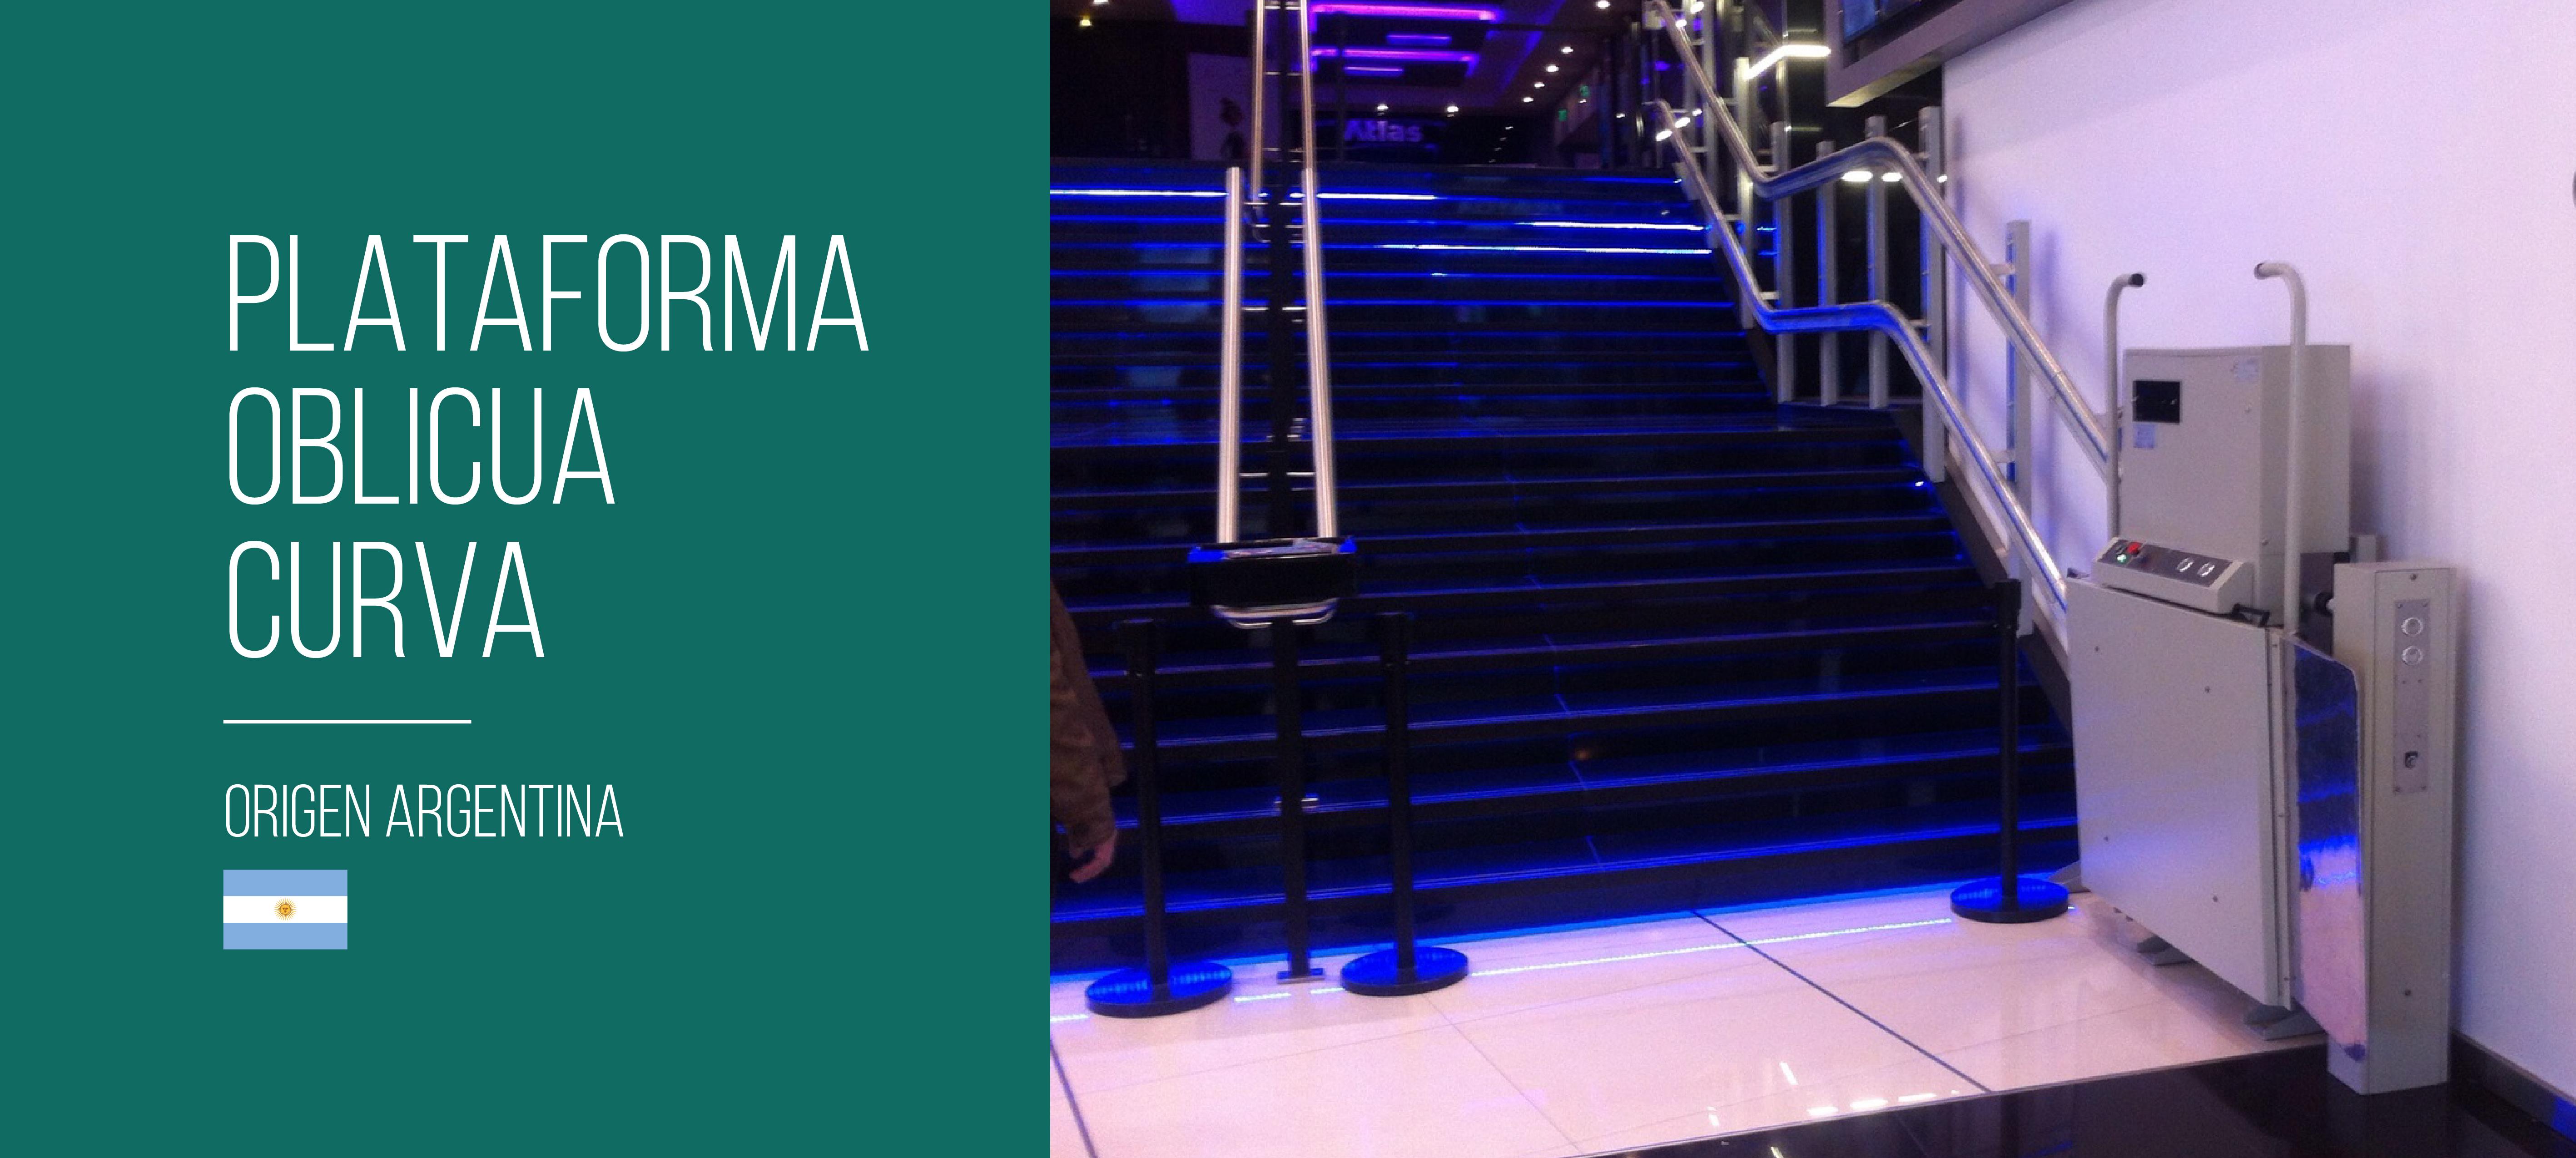 Plataforma Oblicua Curva TVE